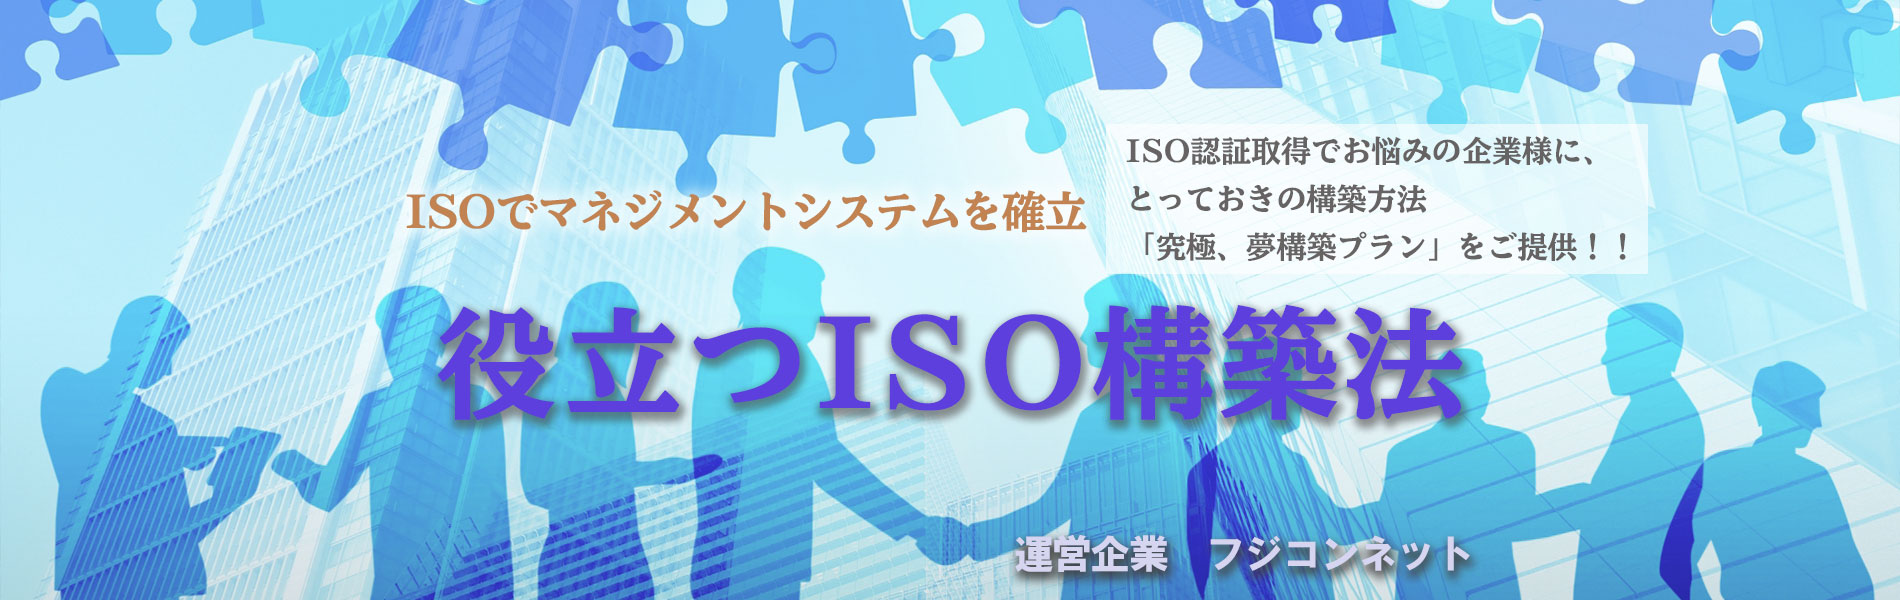 ISOでマネジメントシステムを確立